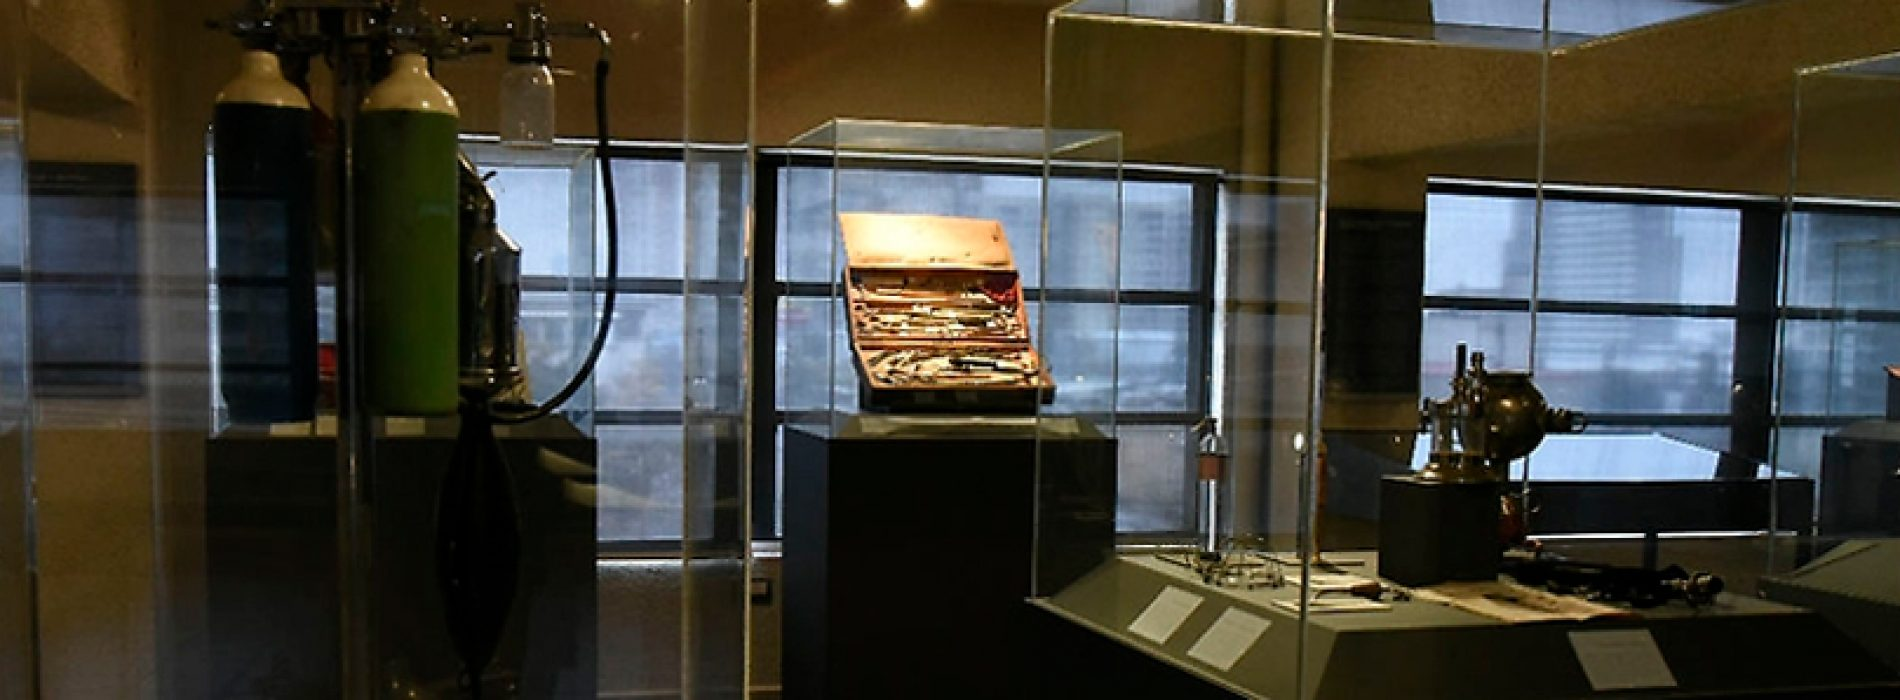 Museo Nacional de Medicina se adjudicó fondos para gestionar nuevos acervos